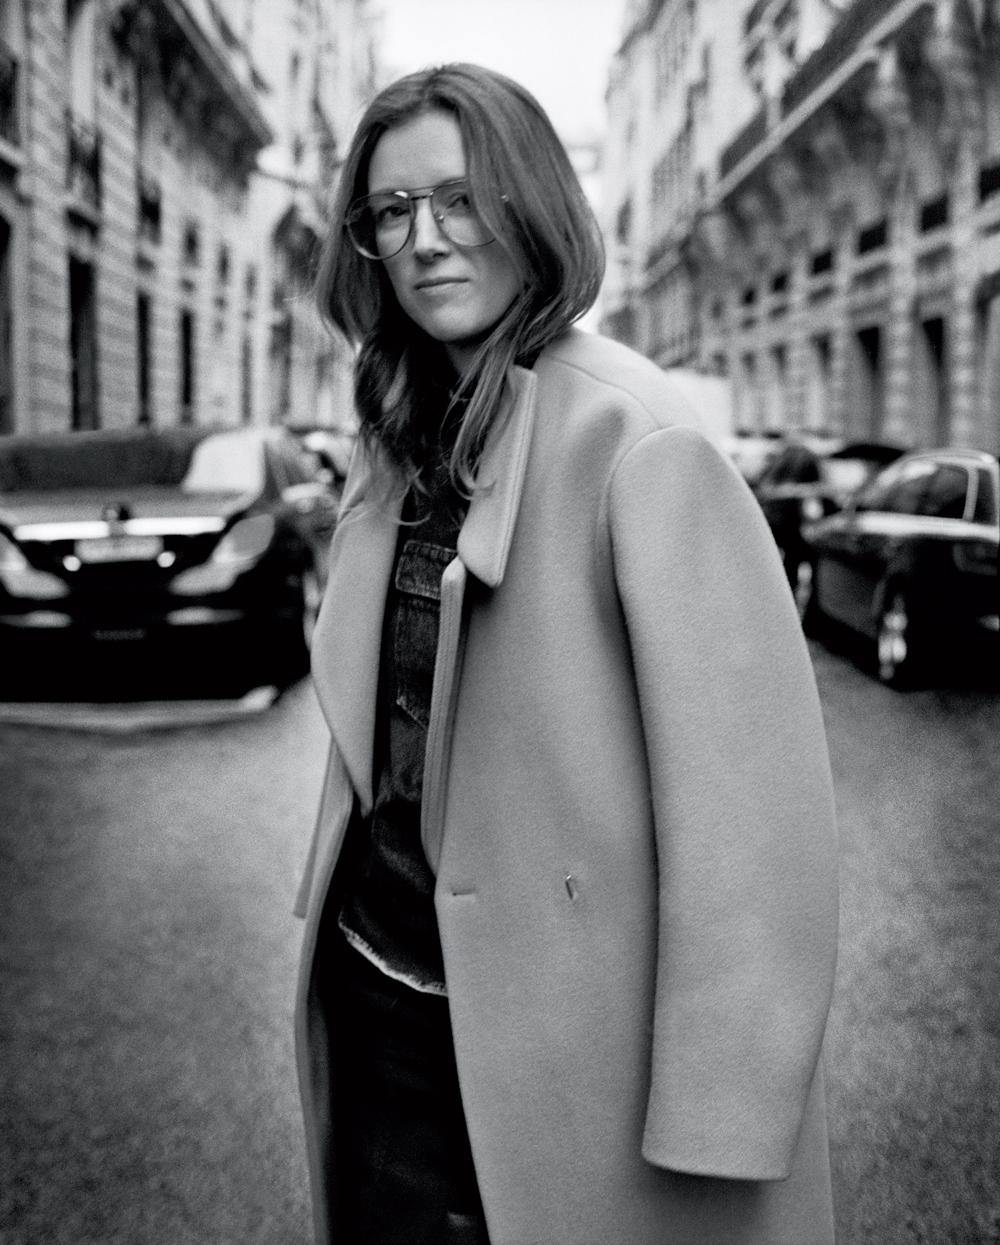 Clare Waight Keller, directrice de la création de Chloé photographiée par Théo Wenner.